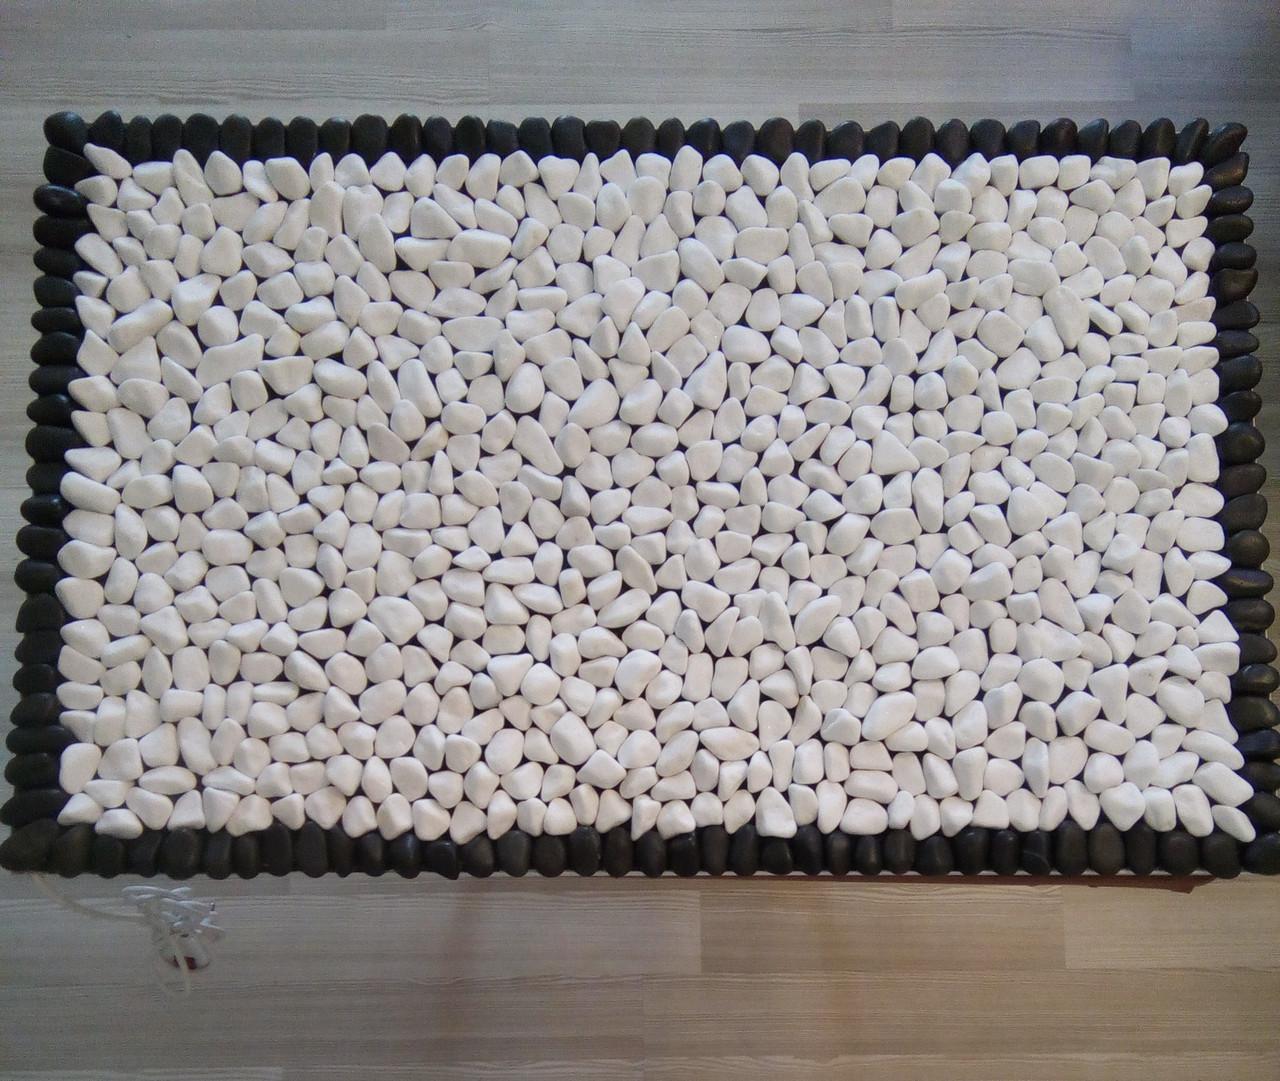 Массажный коврик из натурального камня (гальки) с подогревом, 50*80